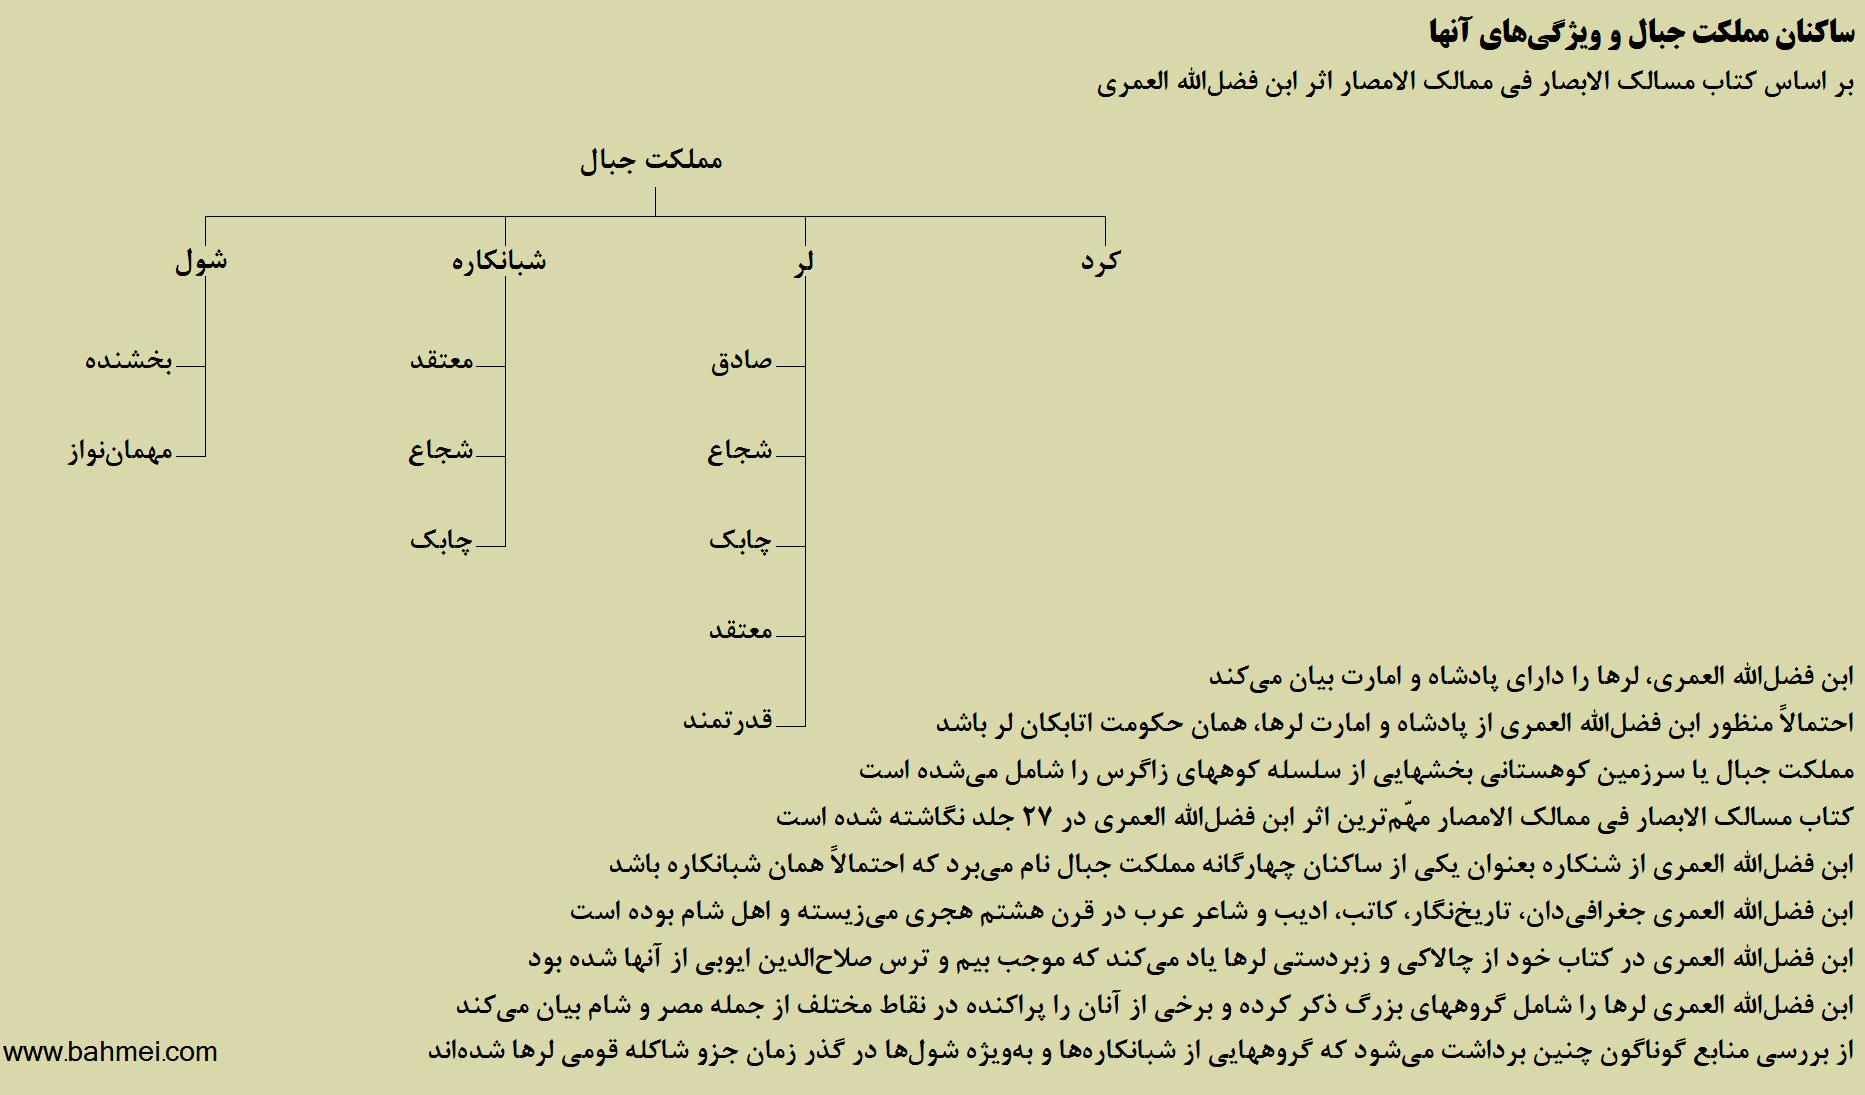 لرها در کتاب ابن فضل الله العمری